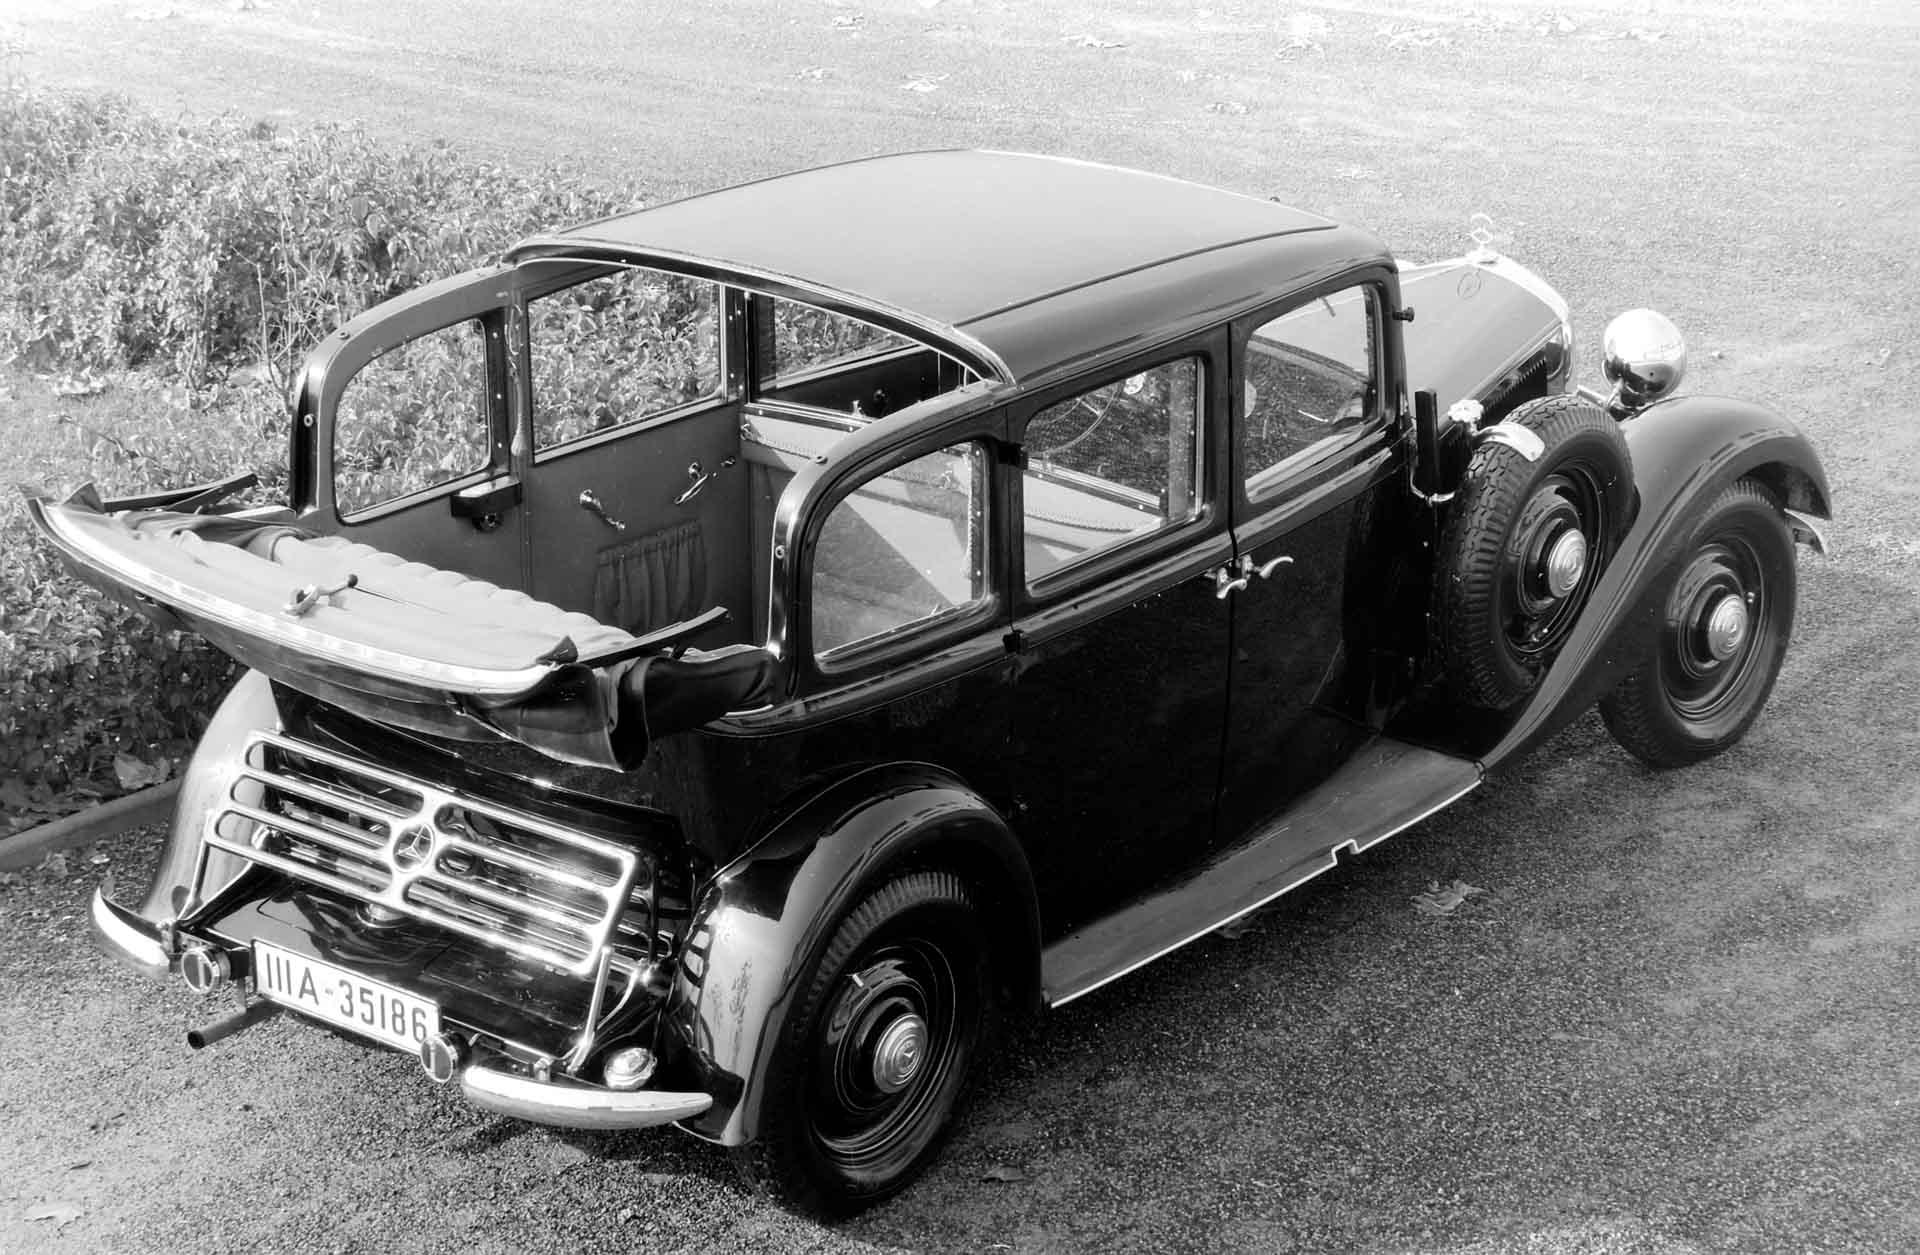 Mercedes-Benz 260 D (W 138) Pullman-Landaulet. Die Pullman-Ausführungen sind besonders als Taxi beliebt, da sie sechs Personen Platz bieten.